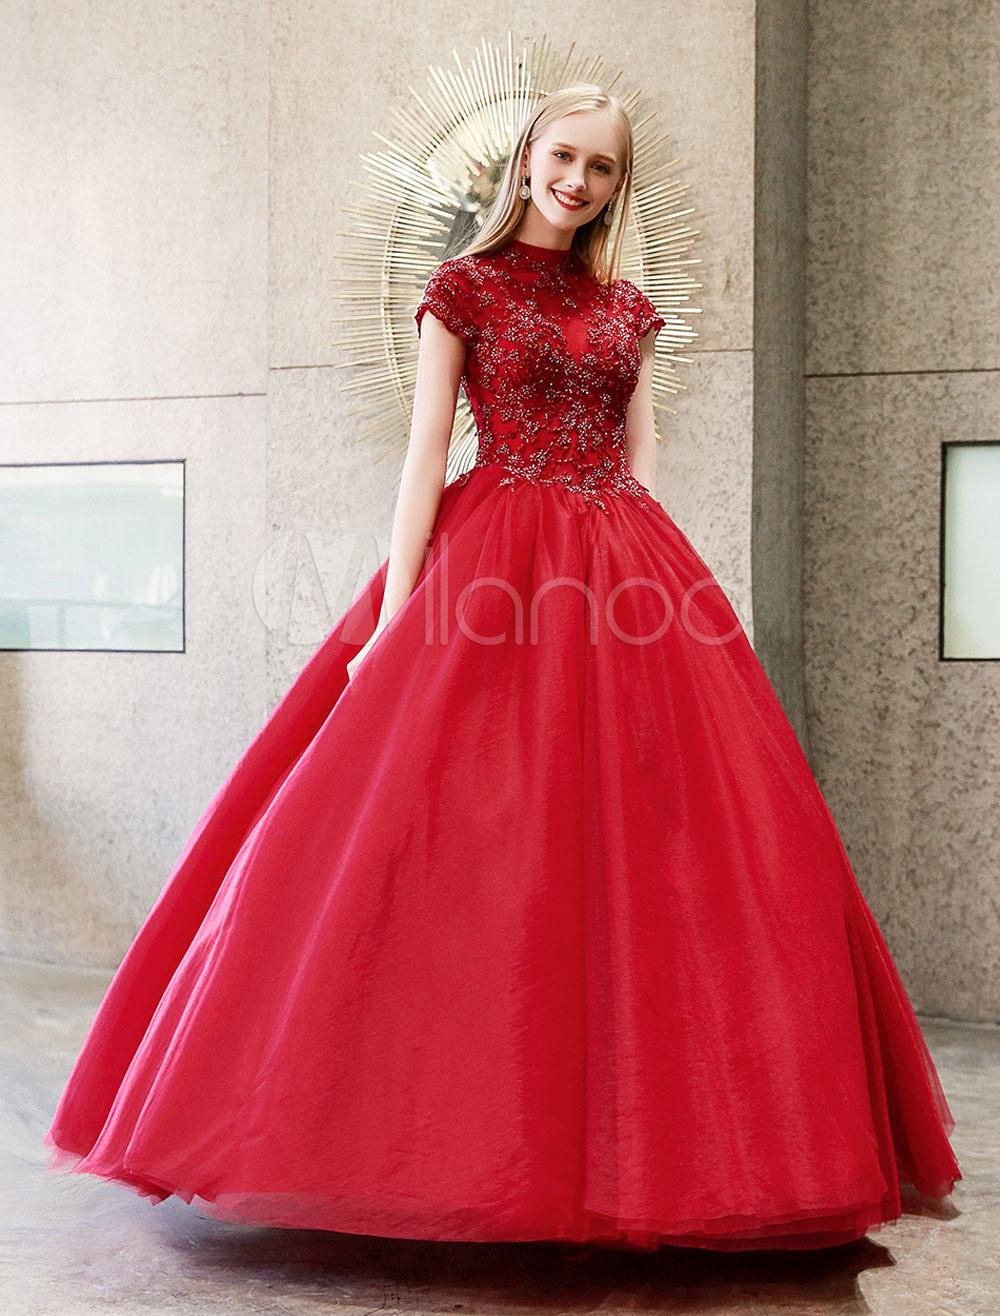 13 Perfekt Abendkleid Prinzessin für 201920 Leicht Abendkleid Prinzessin Spezialgebiet